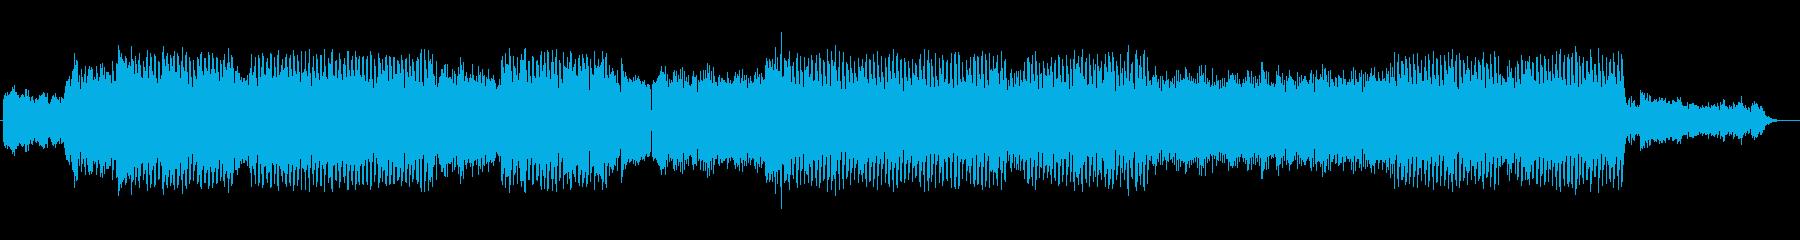 美しく、記憶に残るトランス音楽。さ...の再生済みの波形